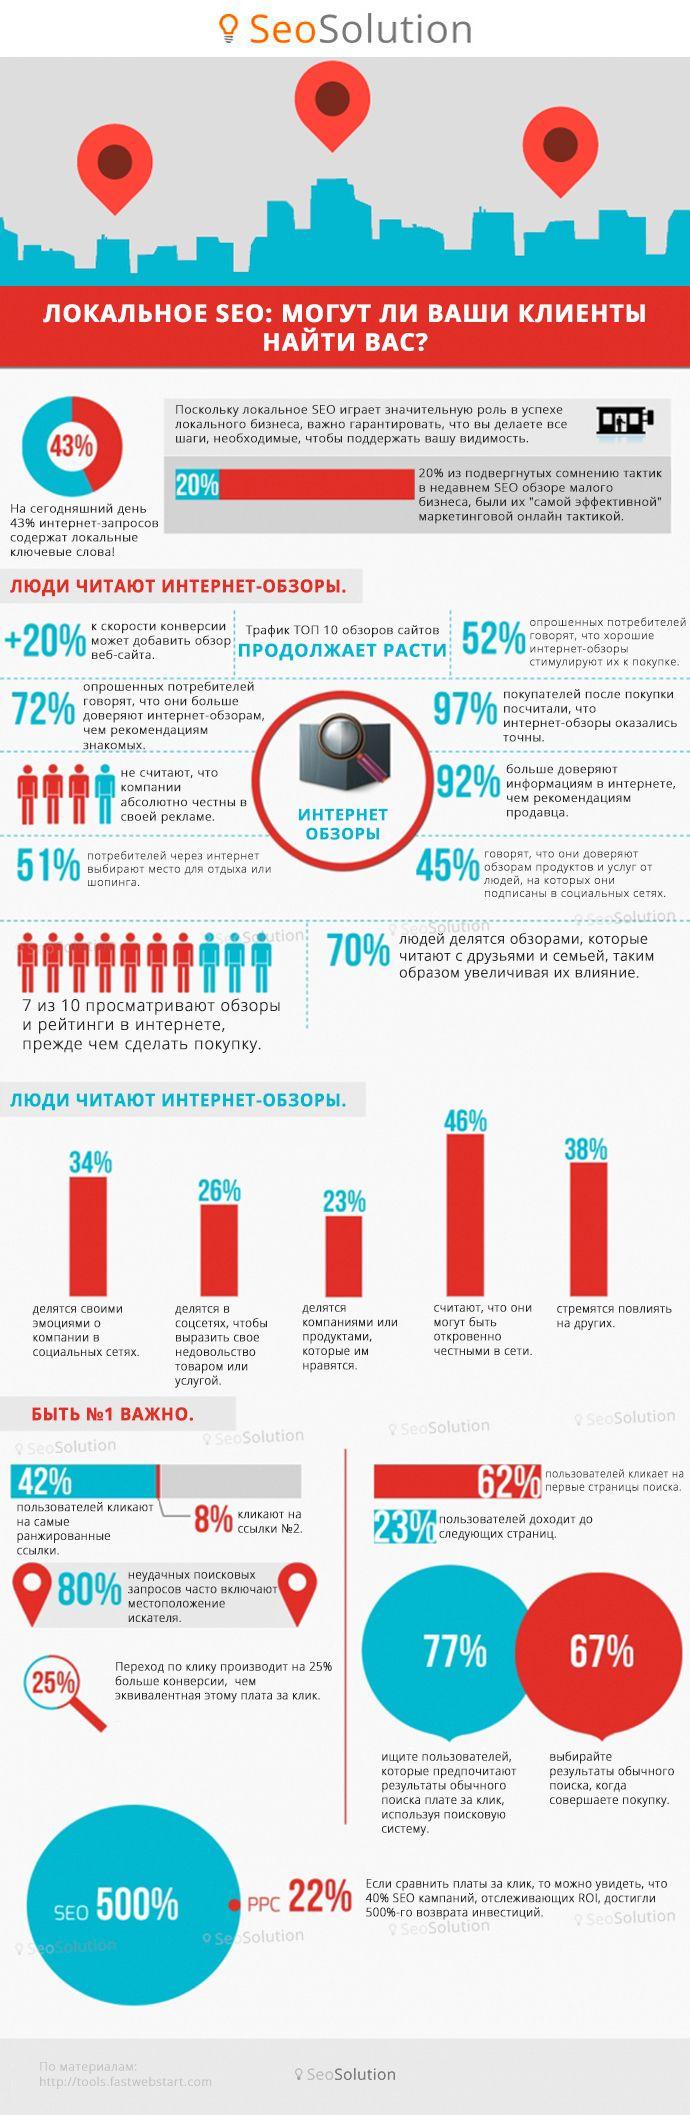 Все о локальном SEO. Новая инфографика в нашем блоге https://seosolution.ua/blog/infographics/local-seo-infographics.html #SeoSolution #webdesign #optimization #seo #seosearch #seomarketing #socialmedia #инфографика #socialmediamarketing #контент #content #seoсоветы